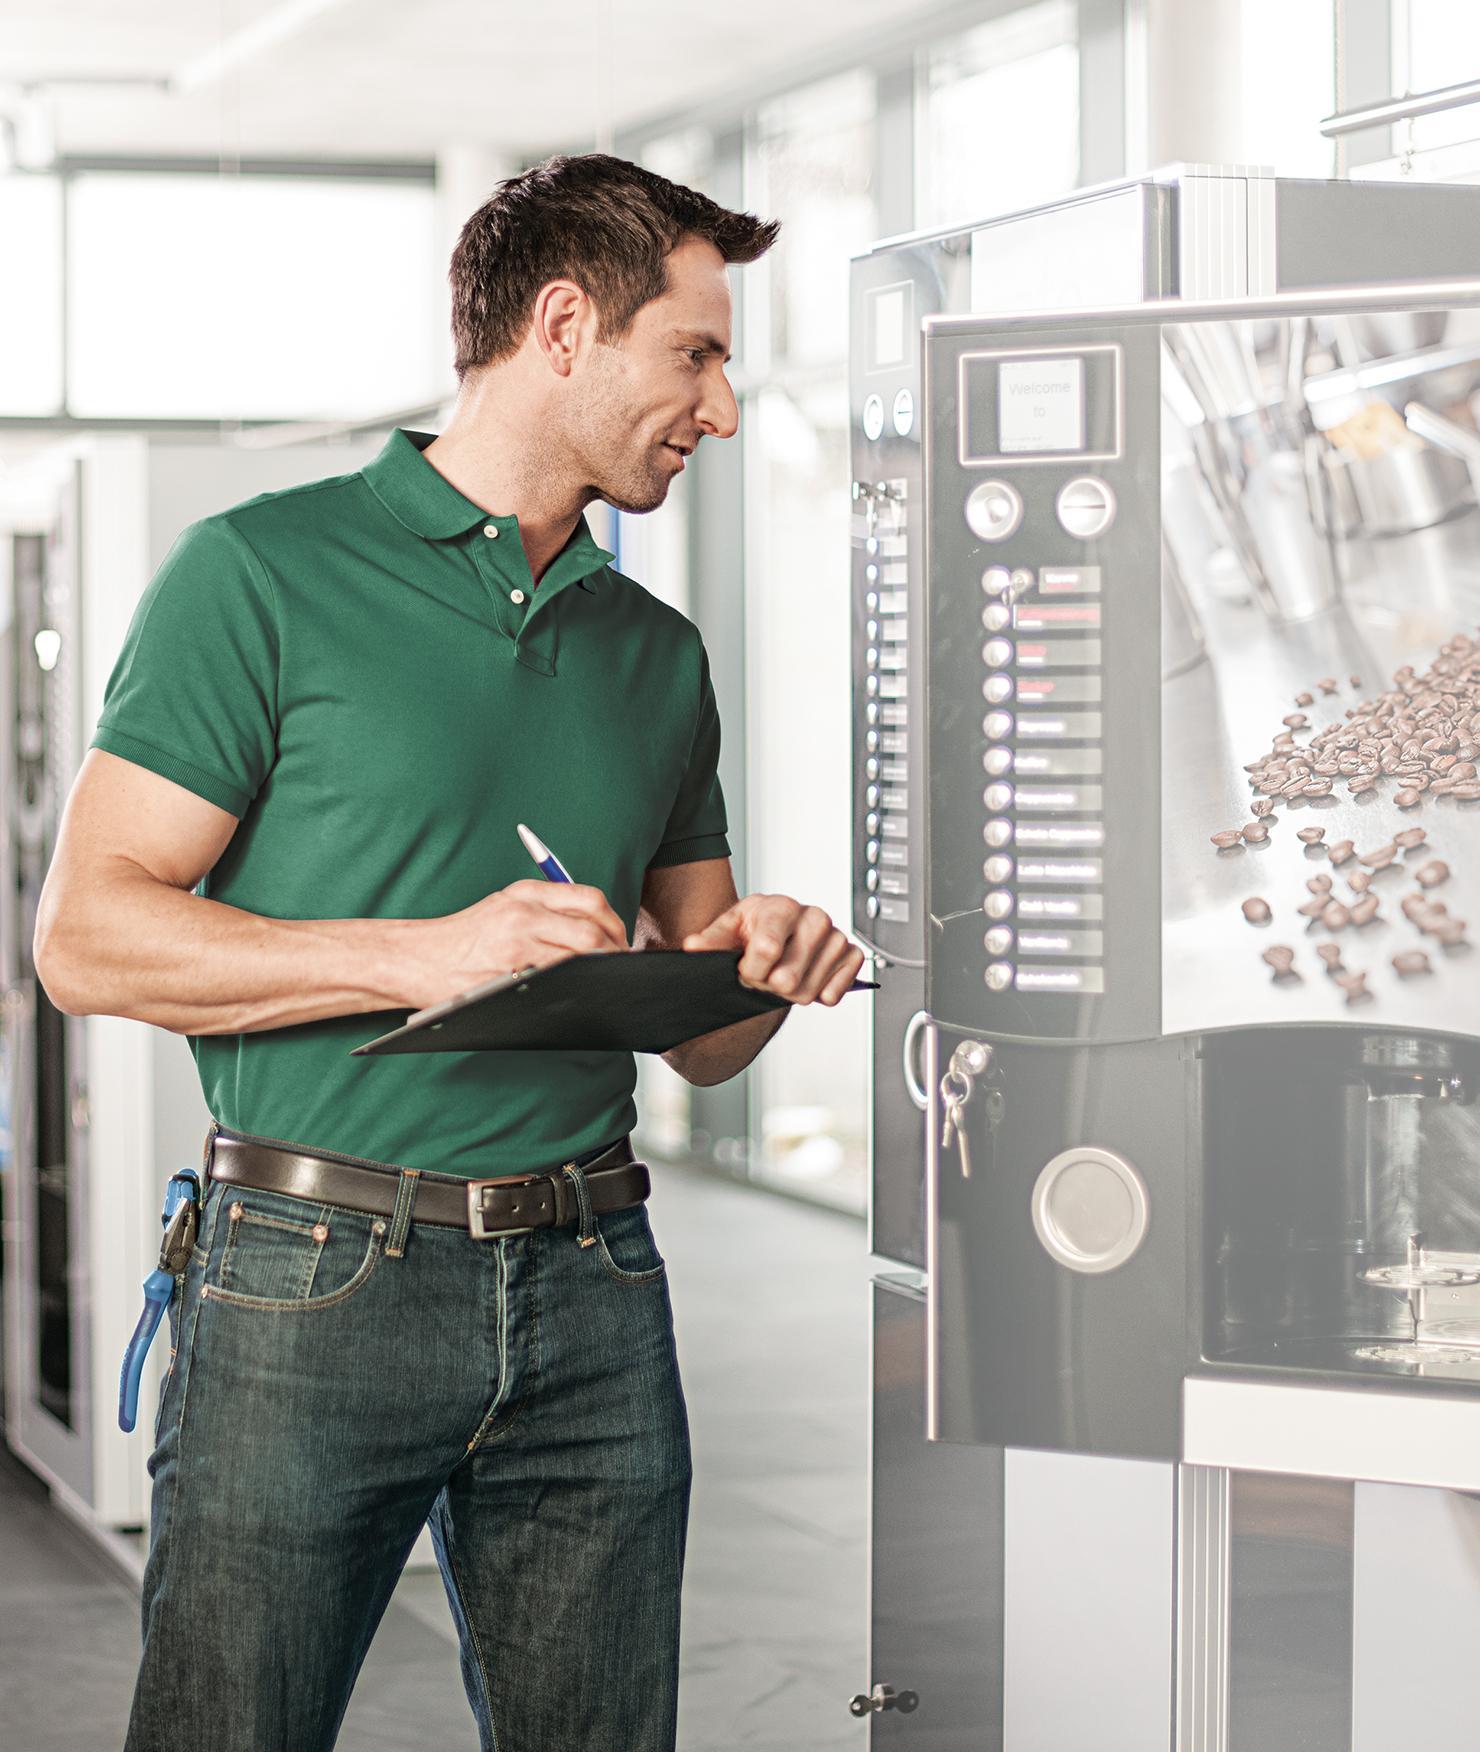 BRITA automat serwis techniczny